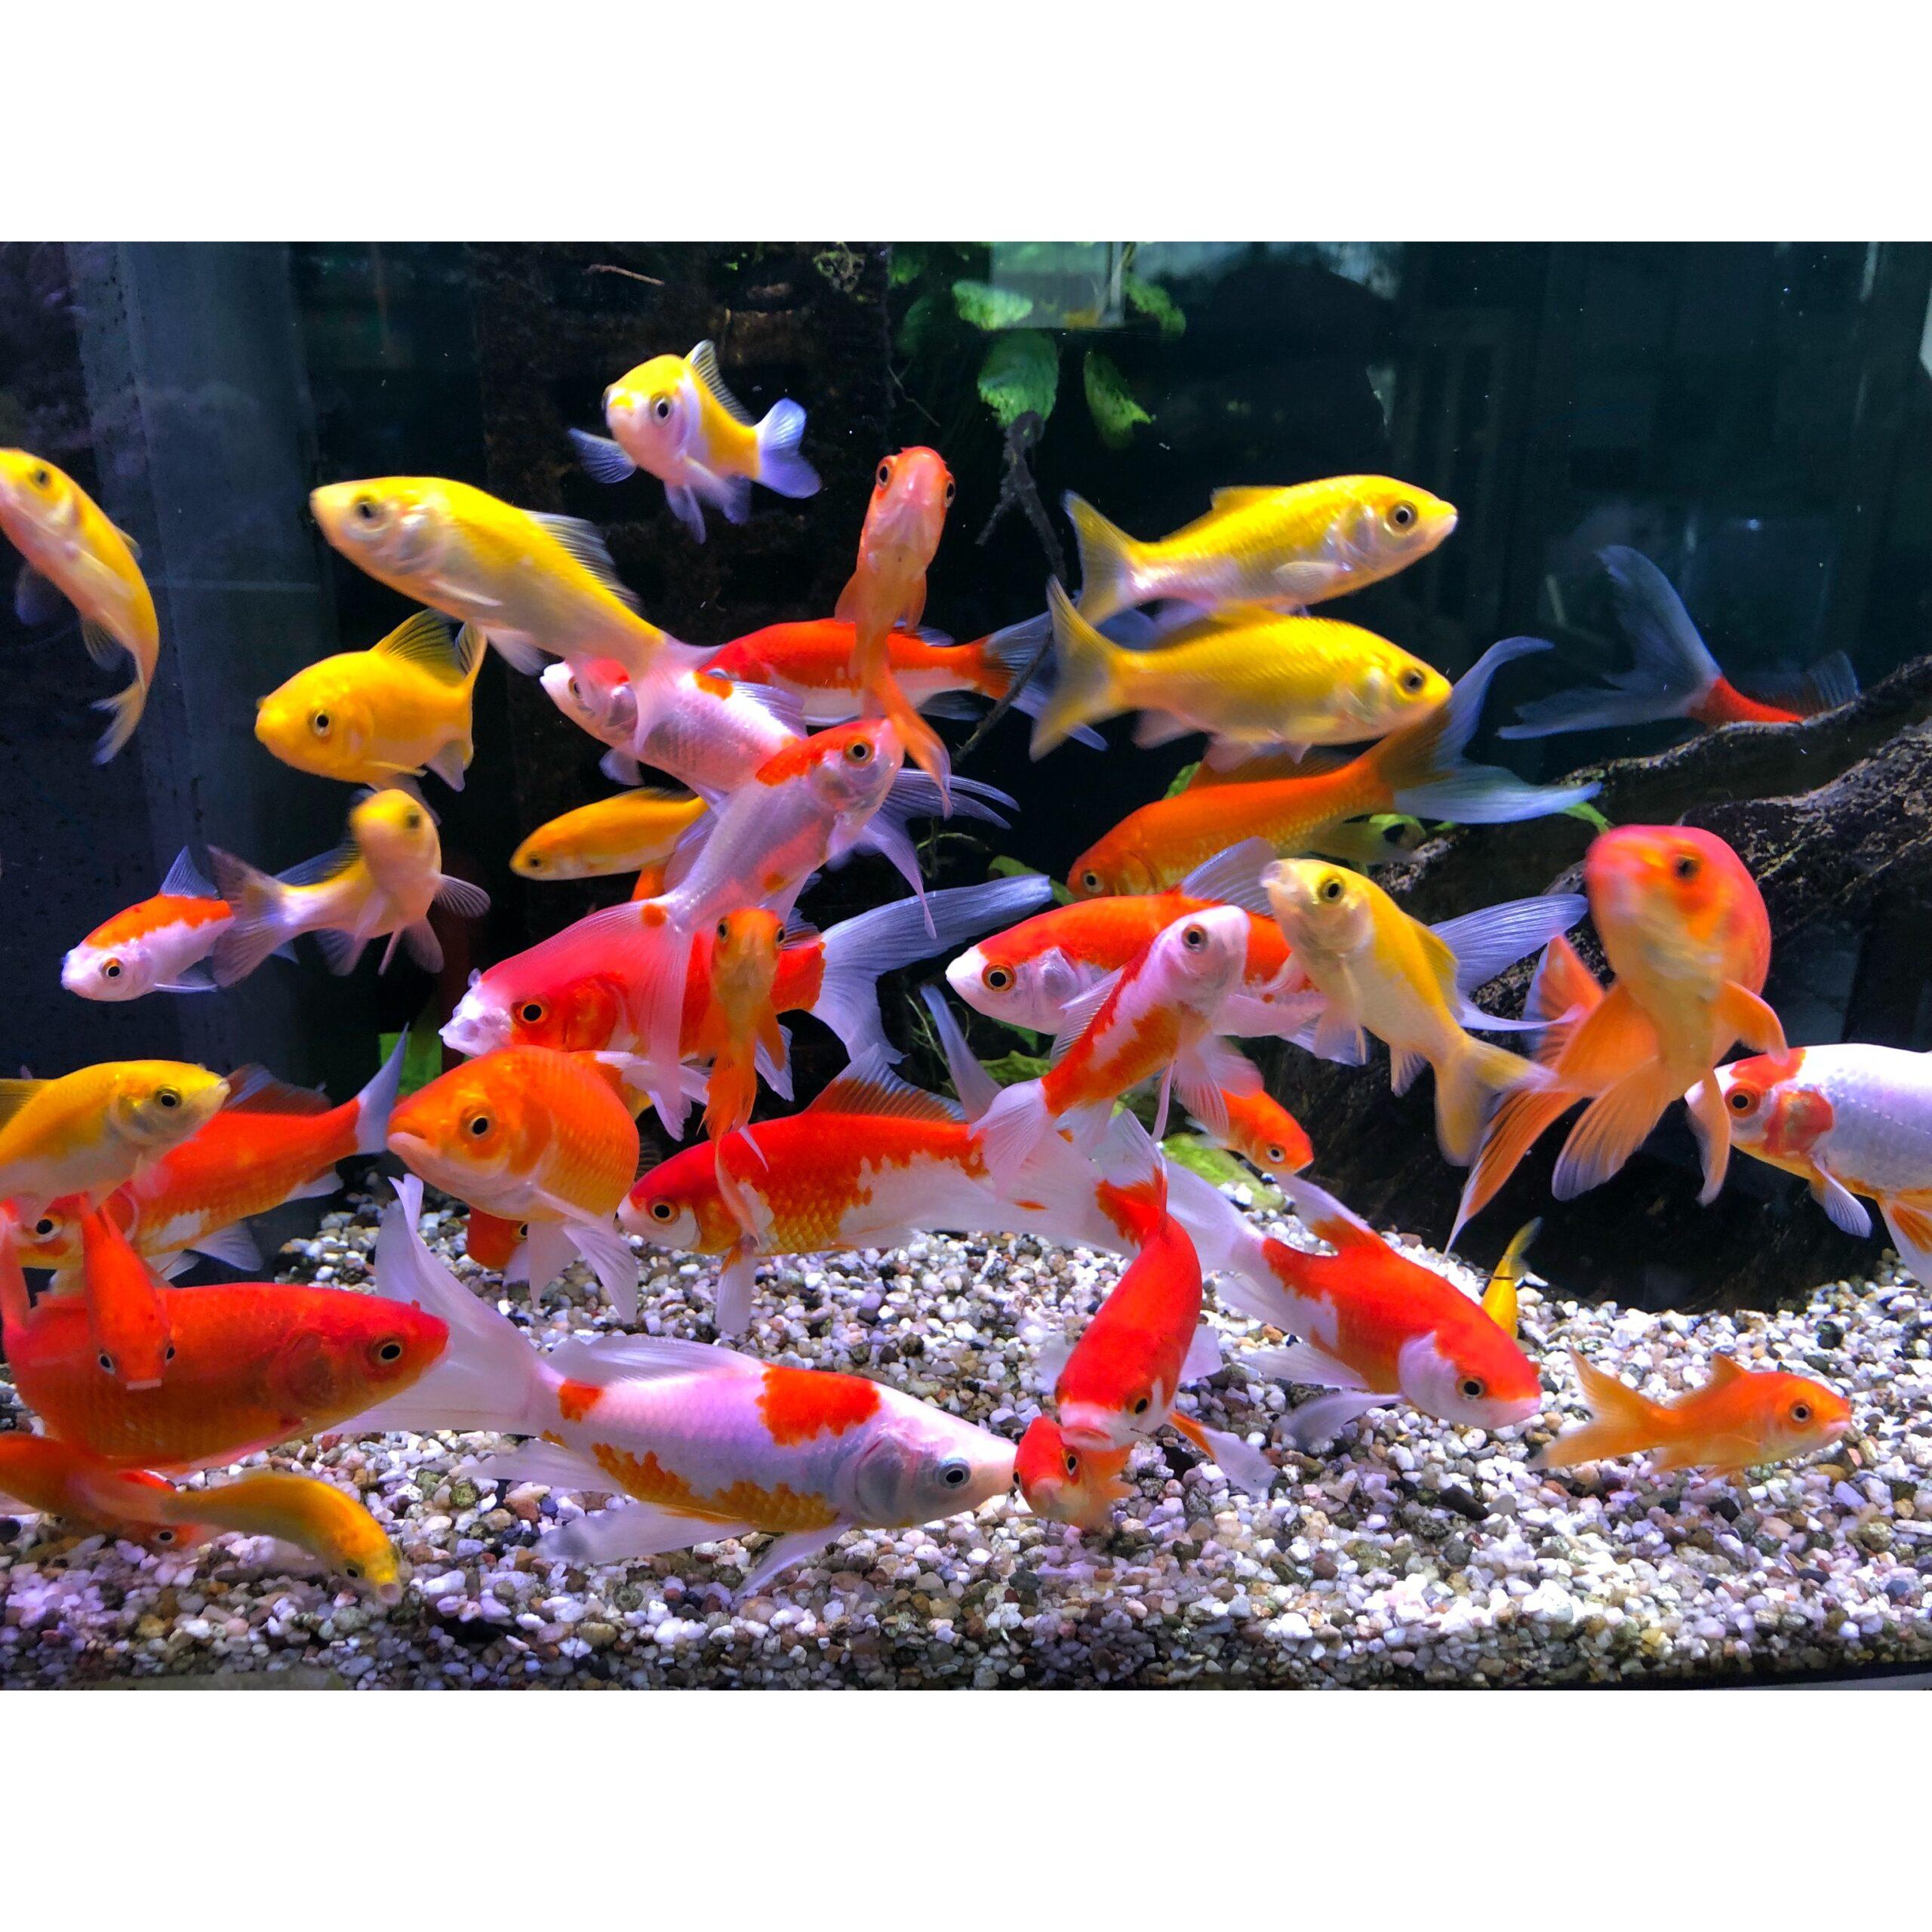 Fisch aktuell